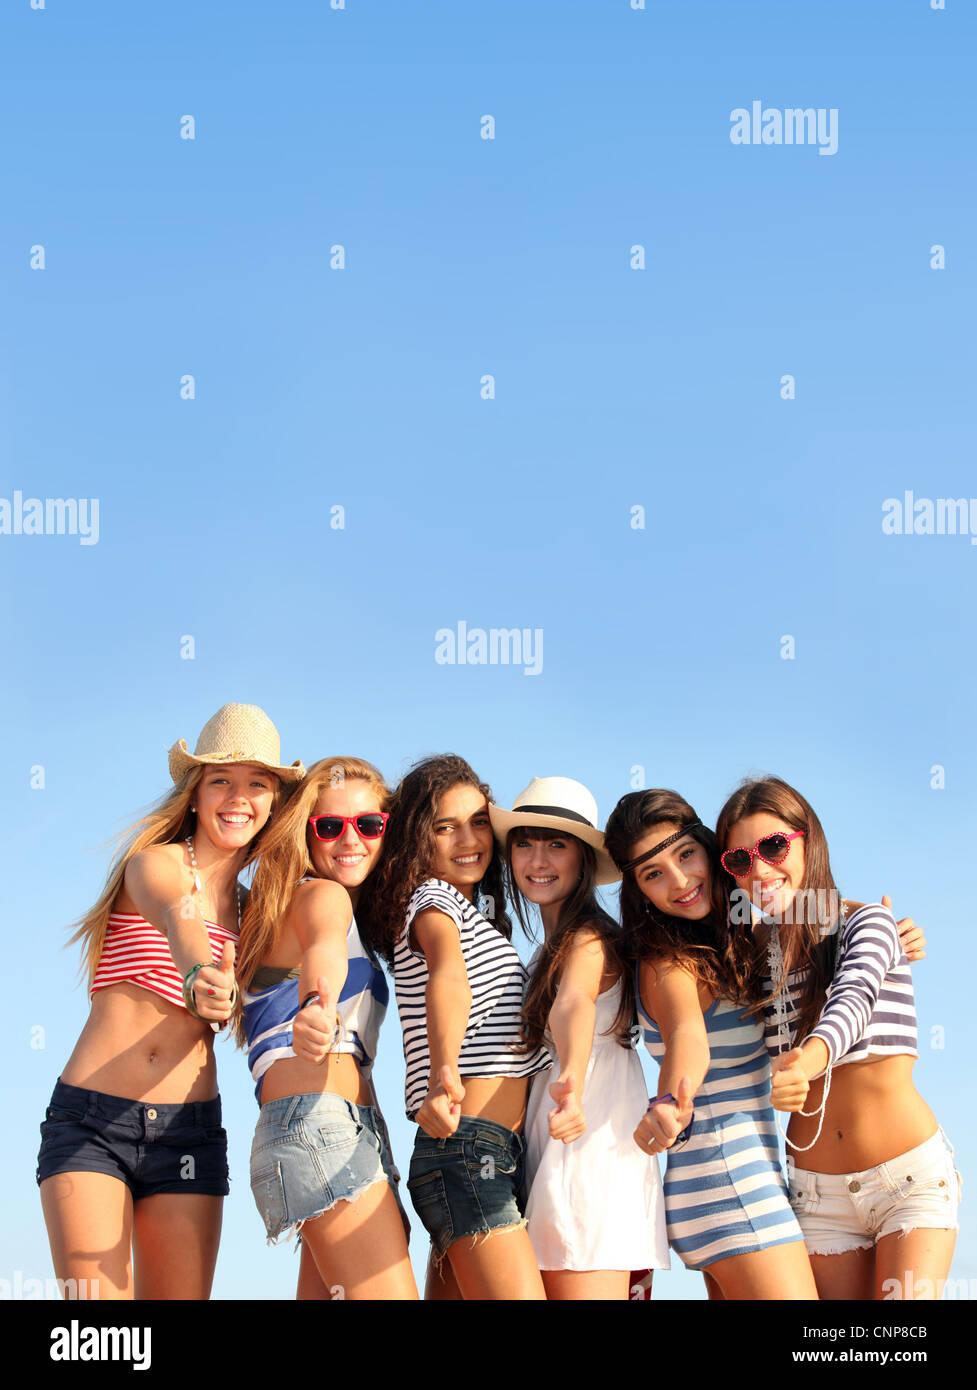 Grupo de adolescentes en la playa vacaciones de verano o vacaciones de primavera Imagen De Stock